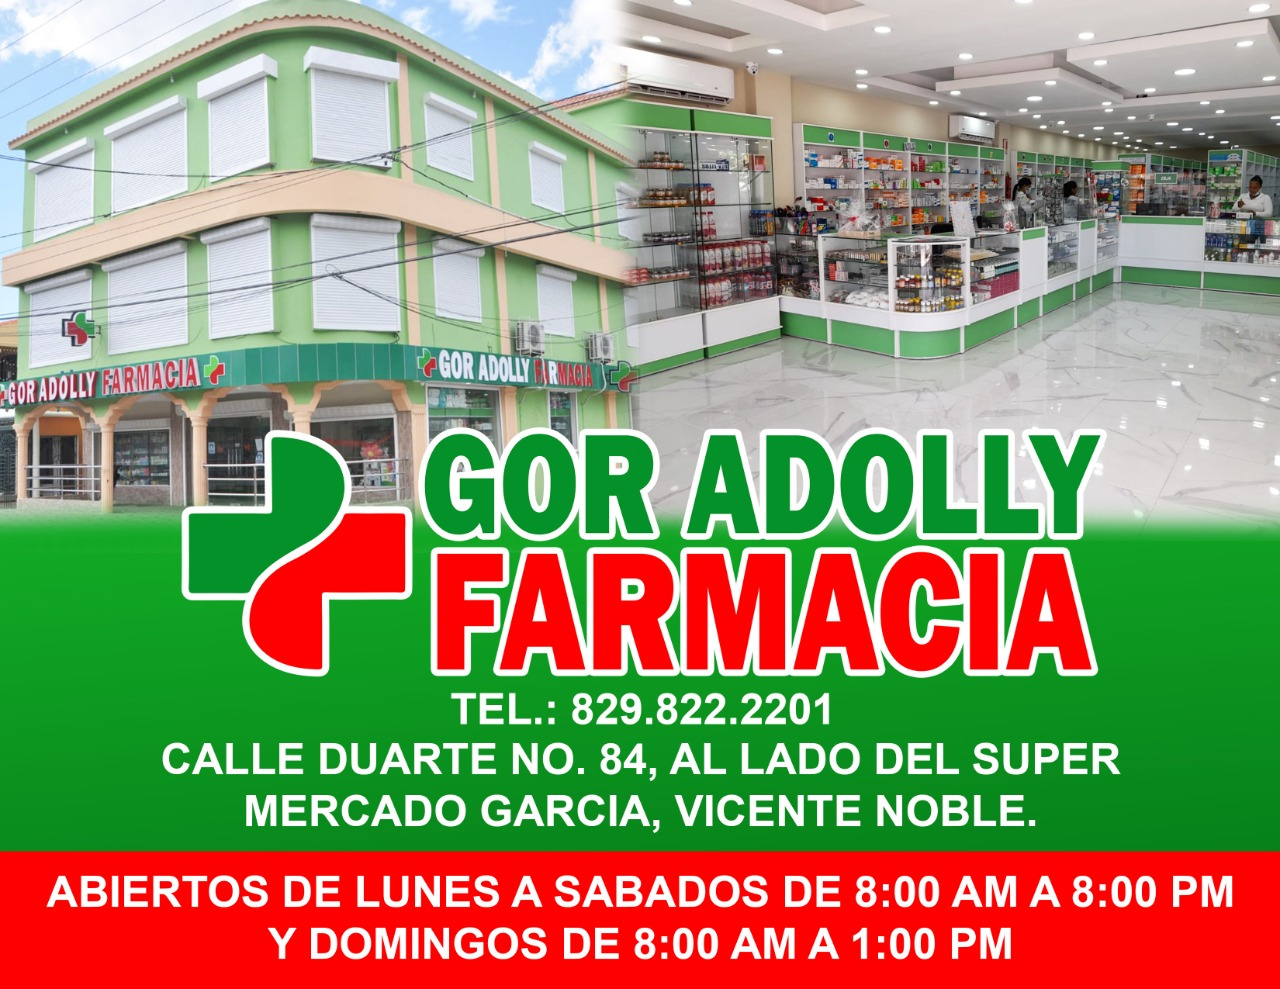 EN VICENTE NOBLE FARMACIA GOR ADOLLY, Tel: (829) 822-2201, CON SERVICIO A DOMICILIO